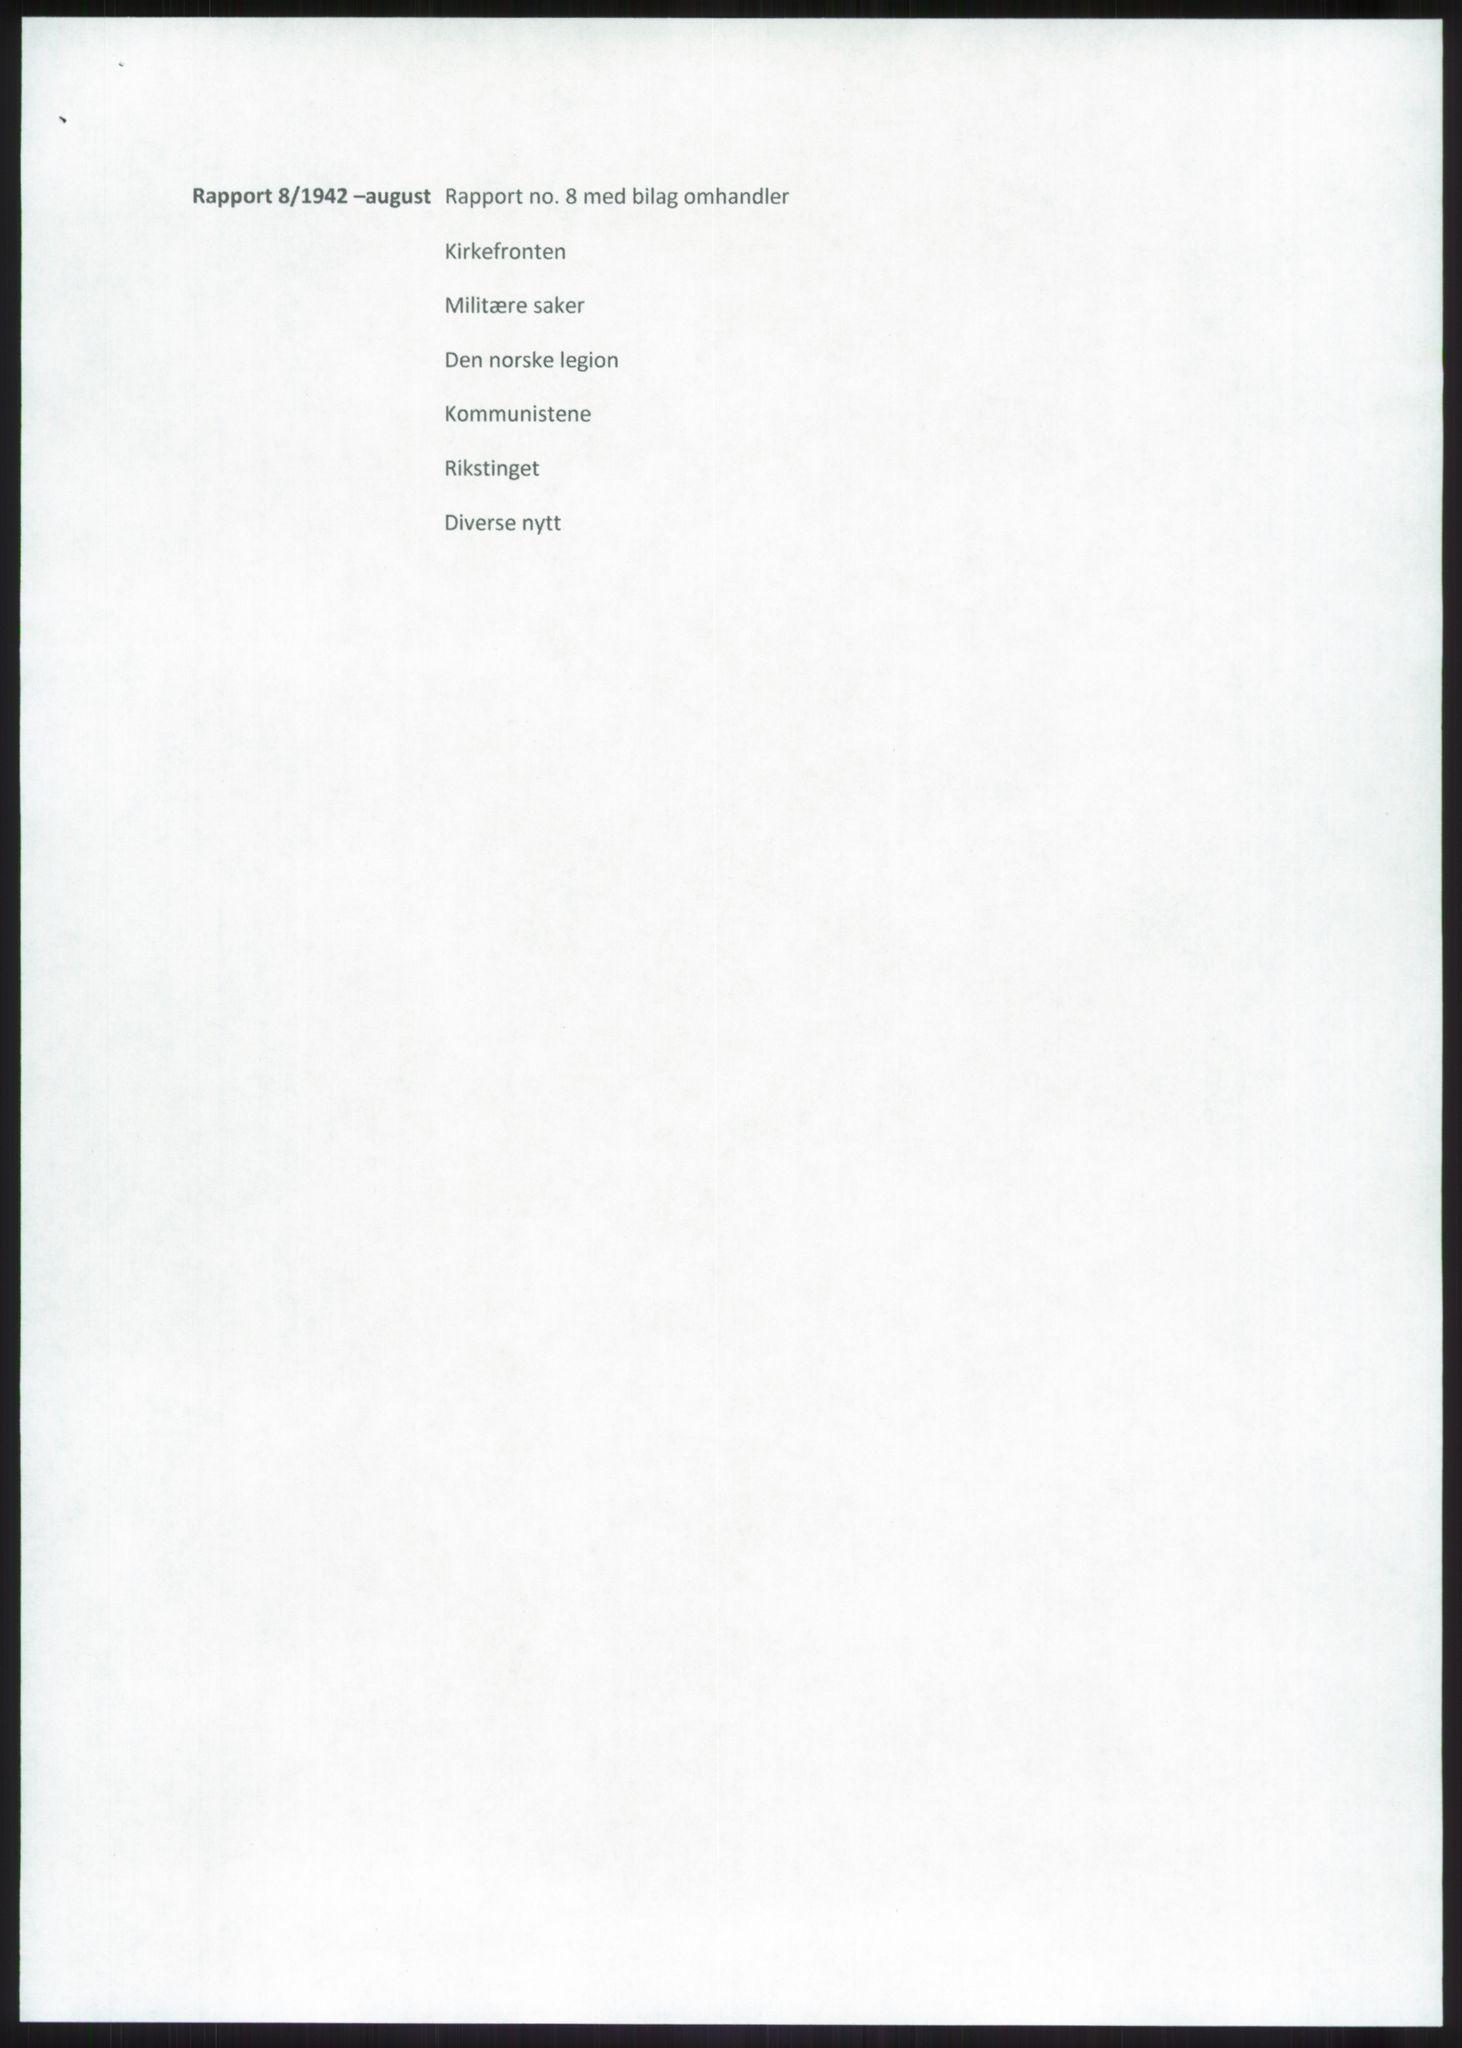 RA, Forsvaret, Forsvarets overkommando, Da/L0079: Etterretningsrapporter, 1942, s. 53